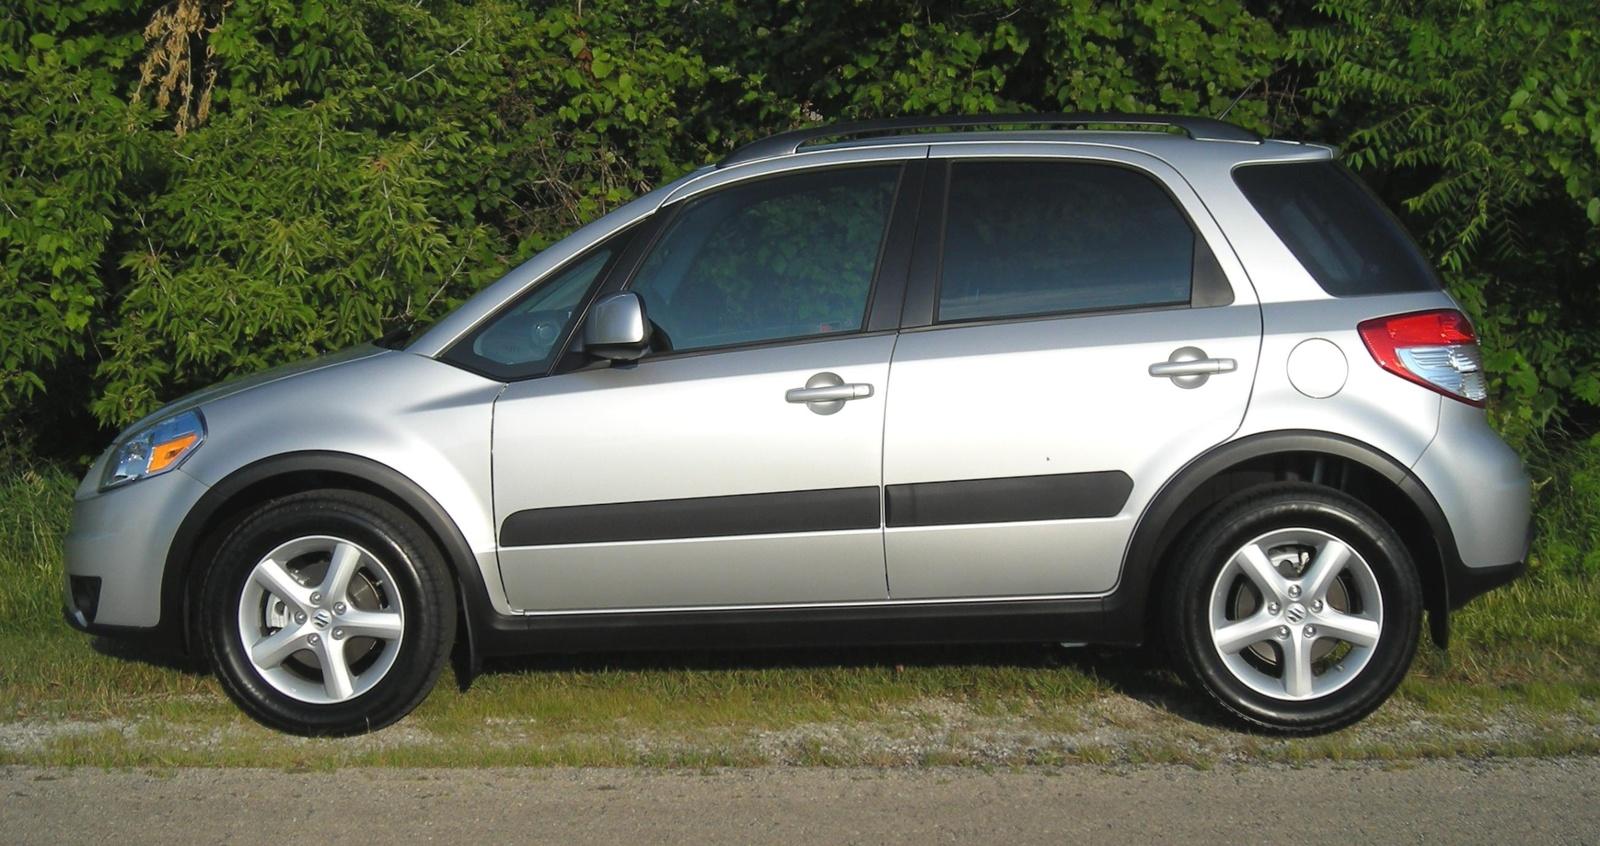 2008 Suzuki Sx4 Pictures Cargurus